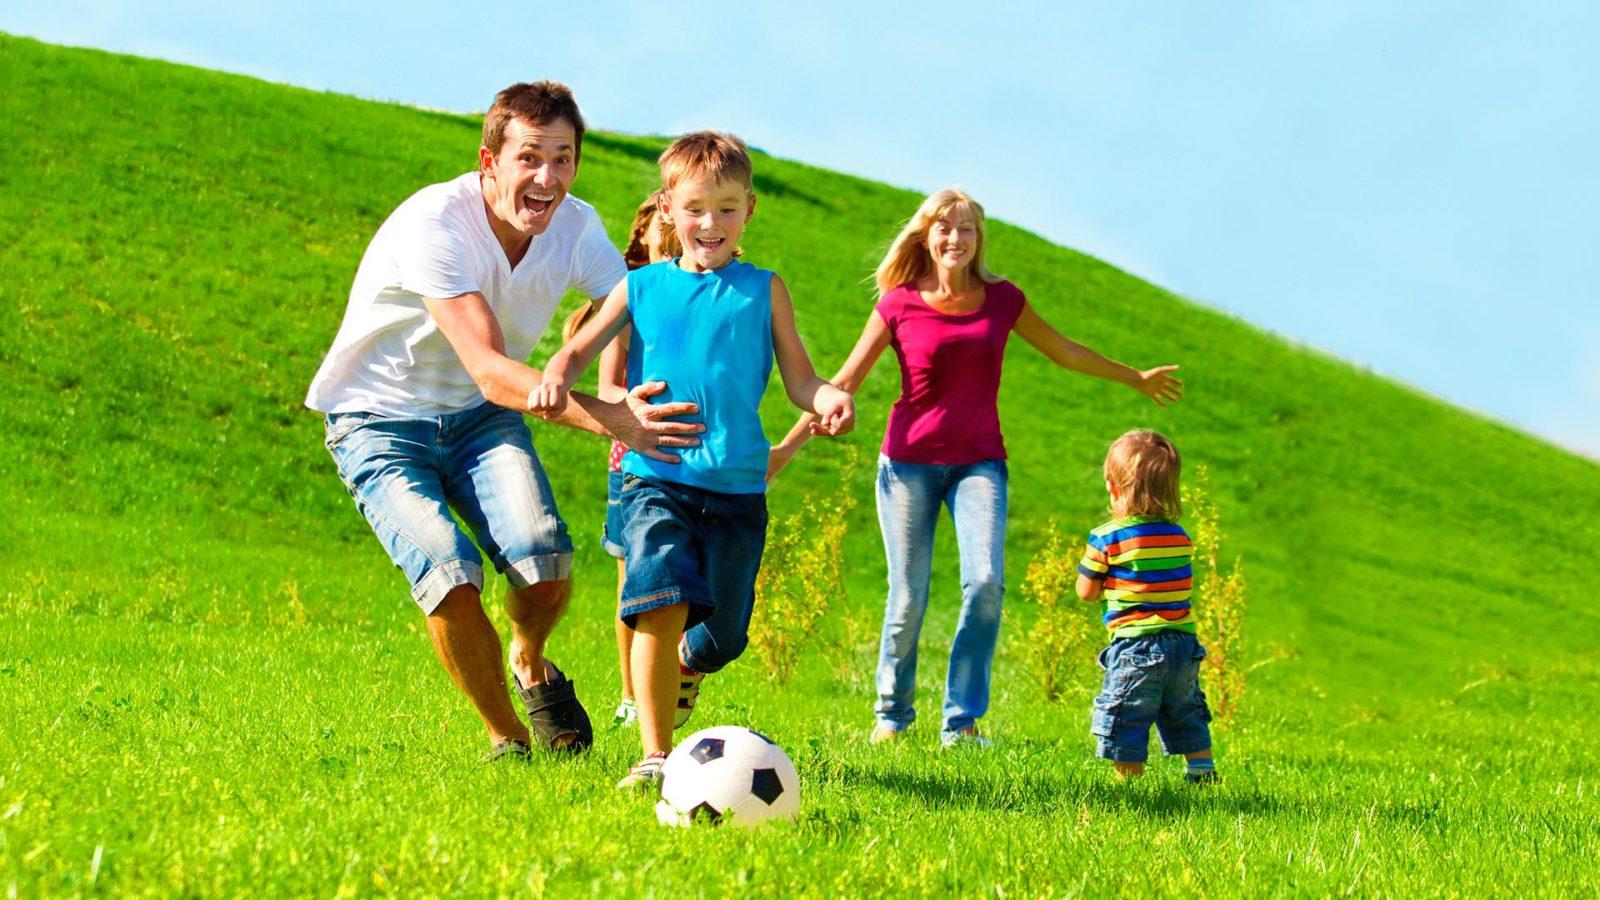 семья играет в футбол